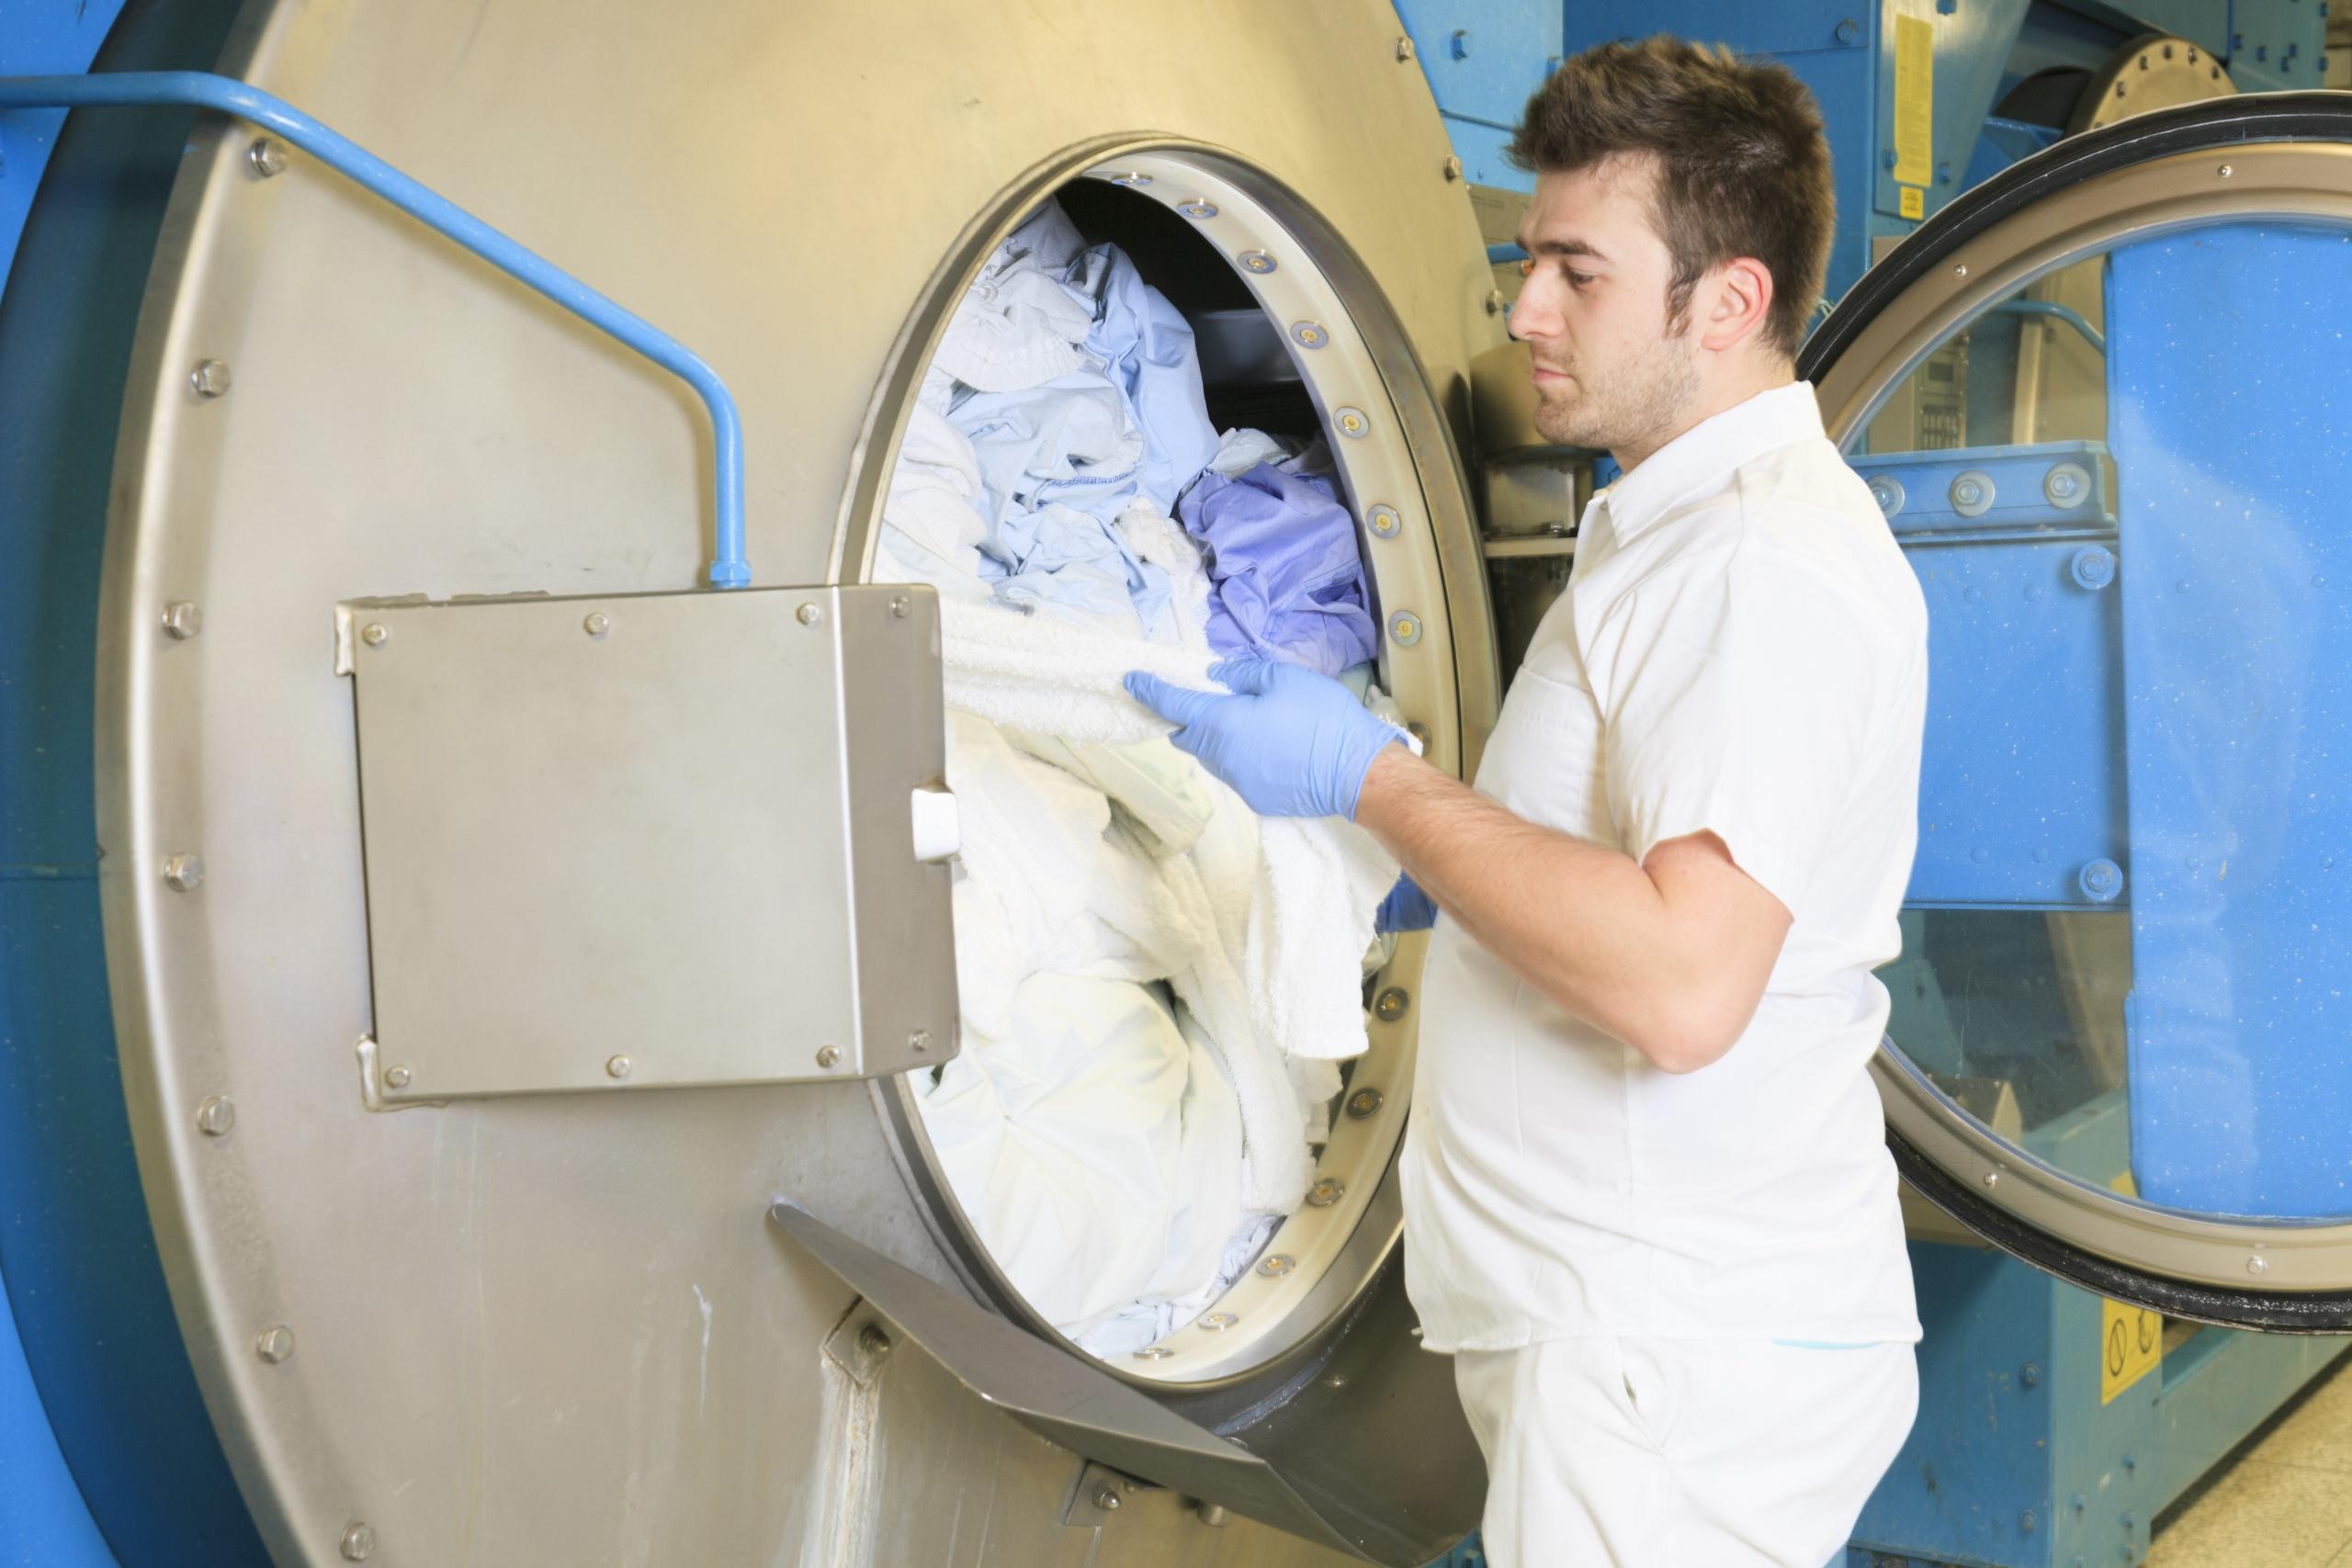 Laundry Washer Hospital - Put on Machine